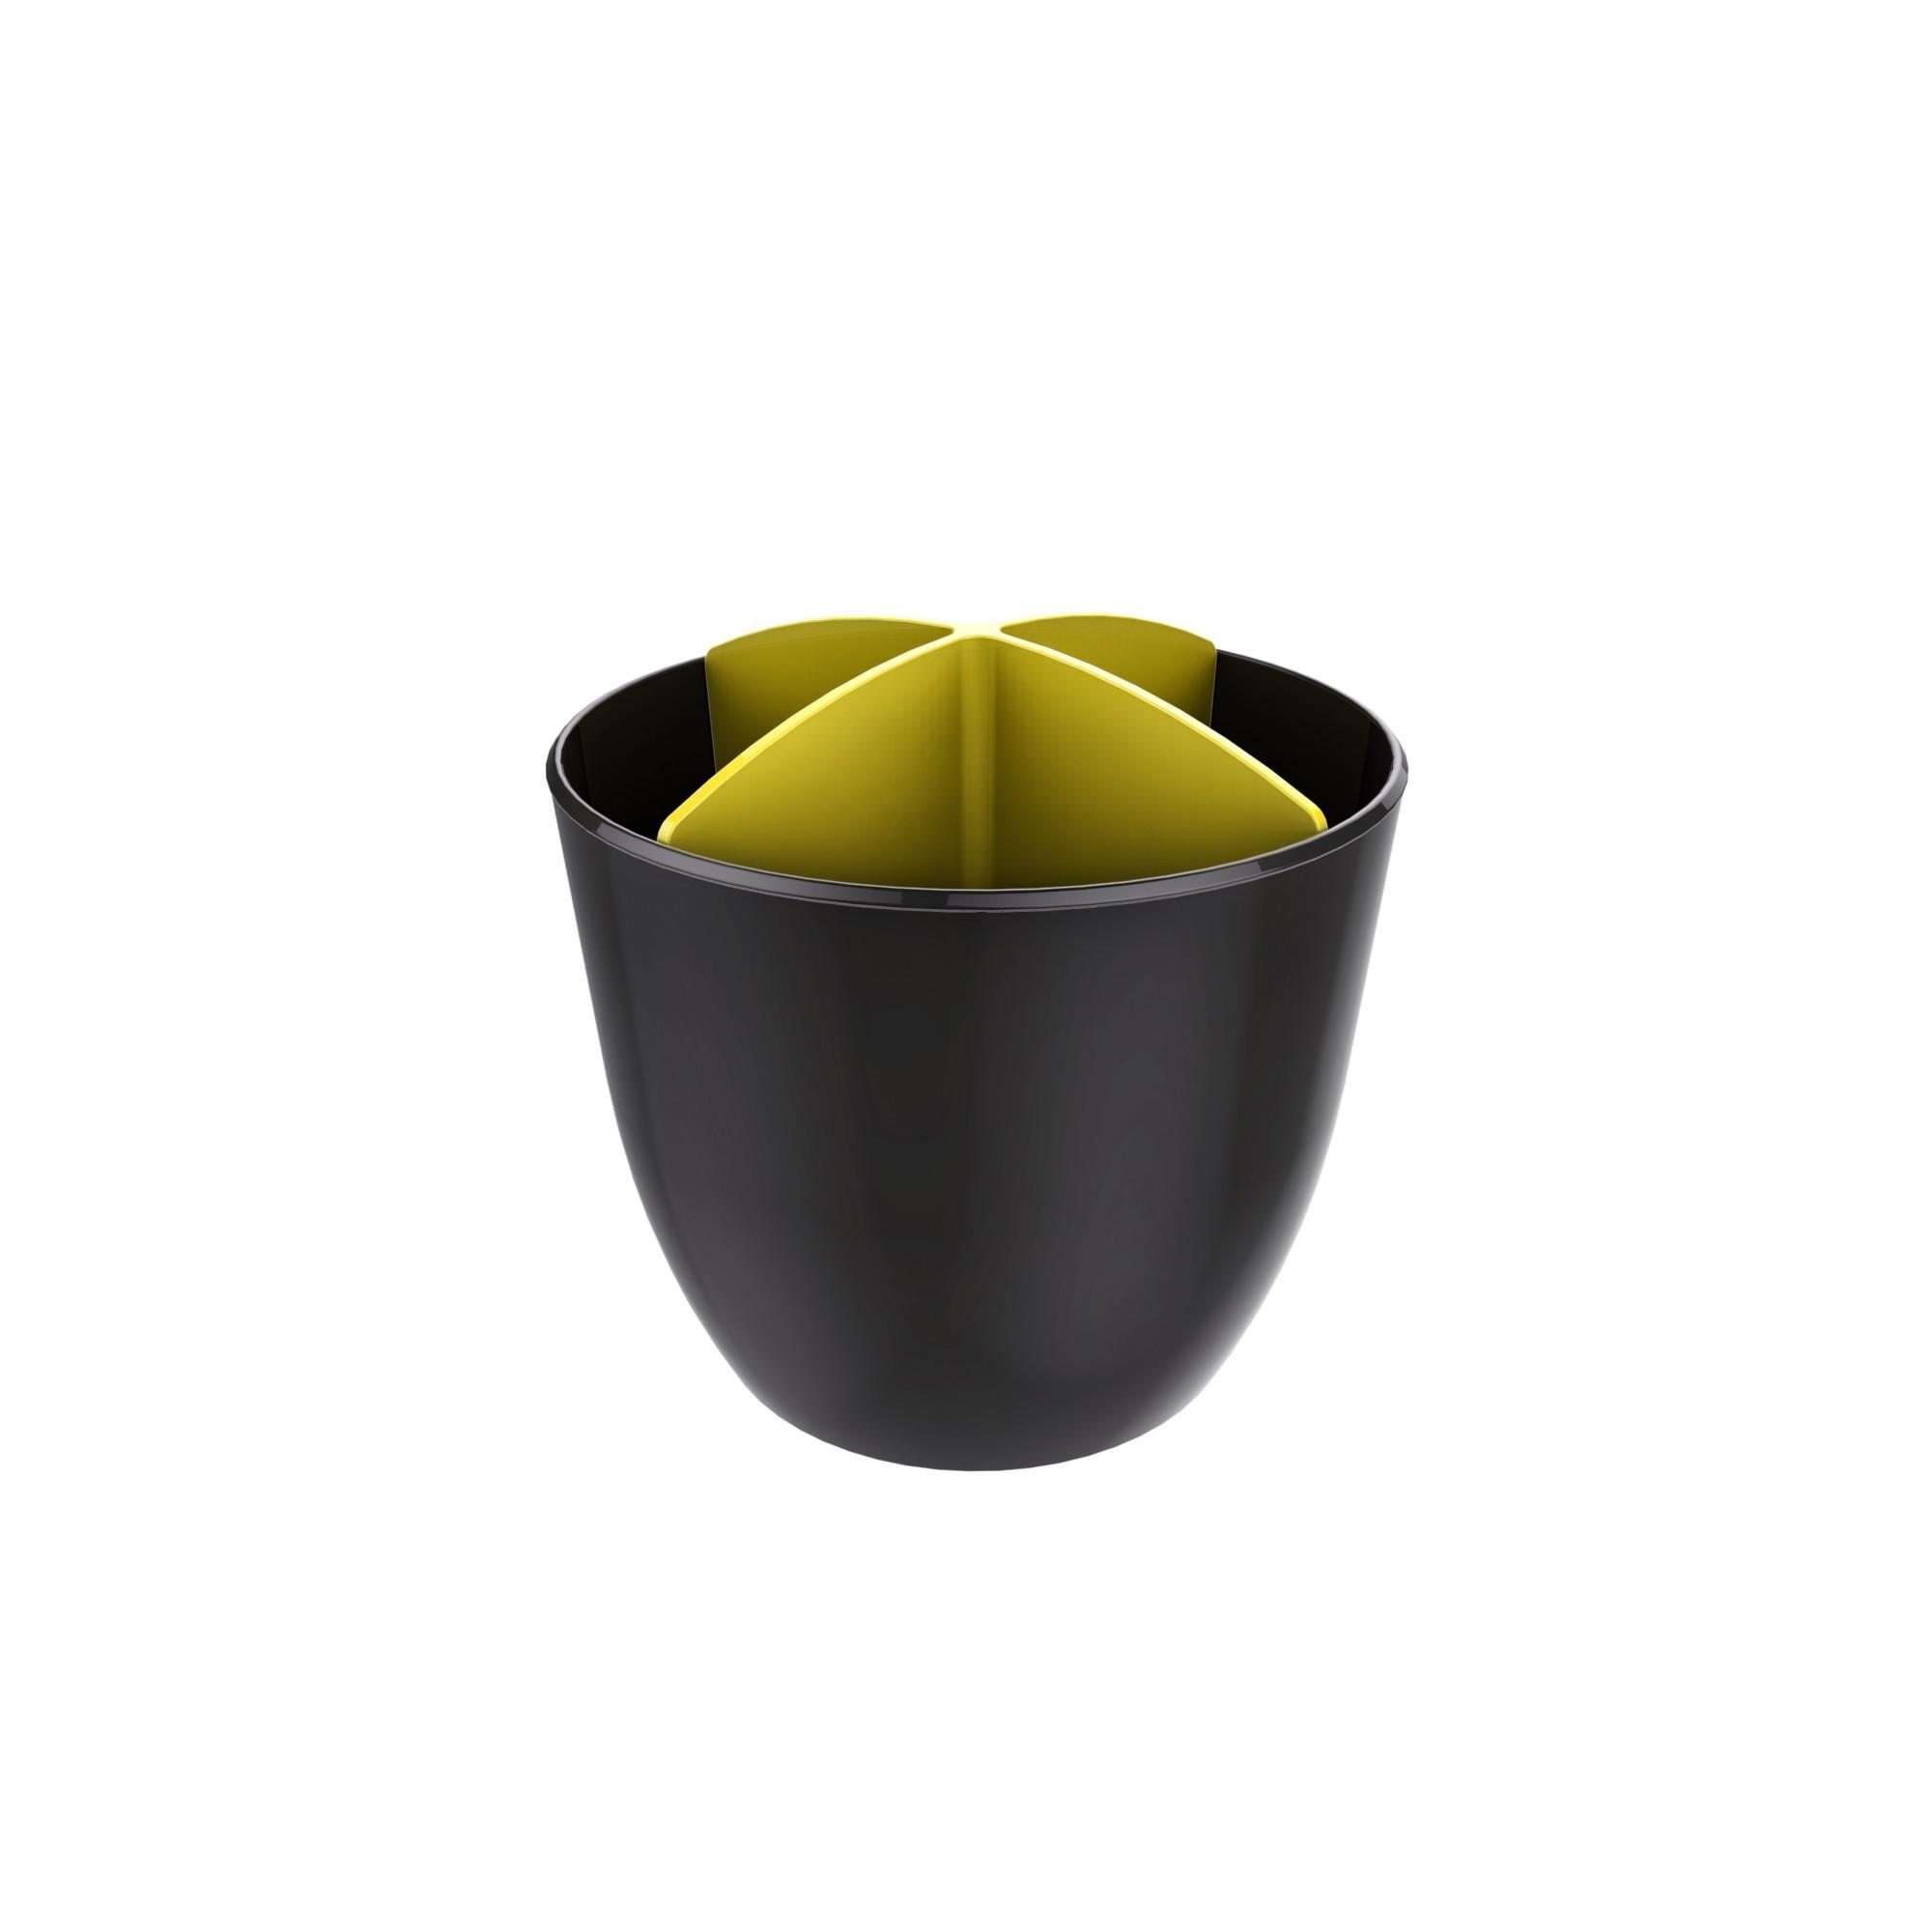 Escorredor de Talheres de Plastico Amarelo - Crippa